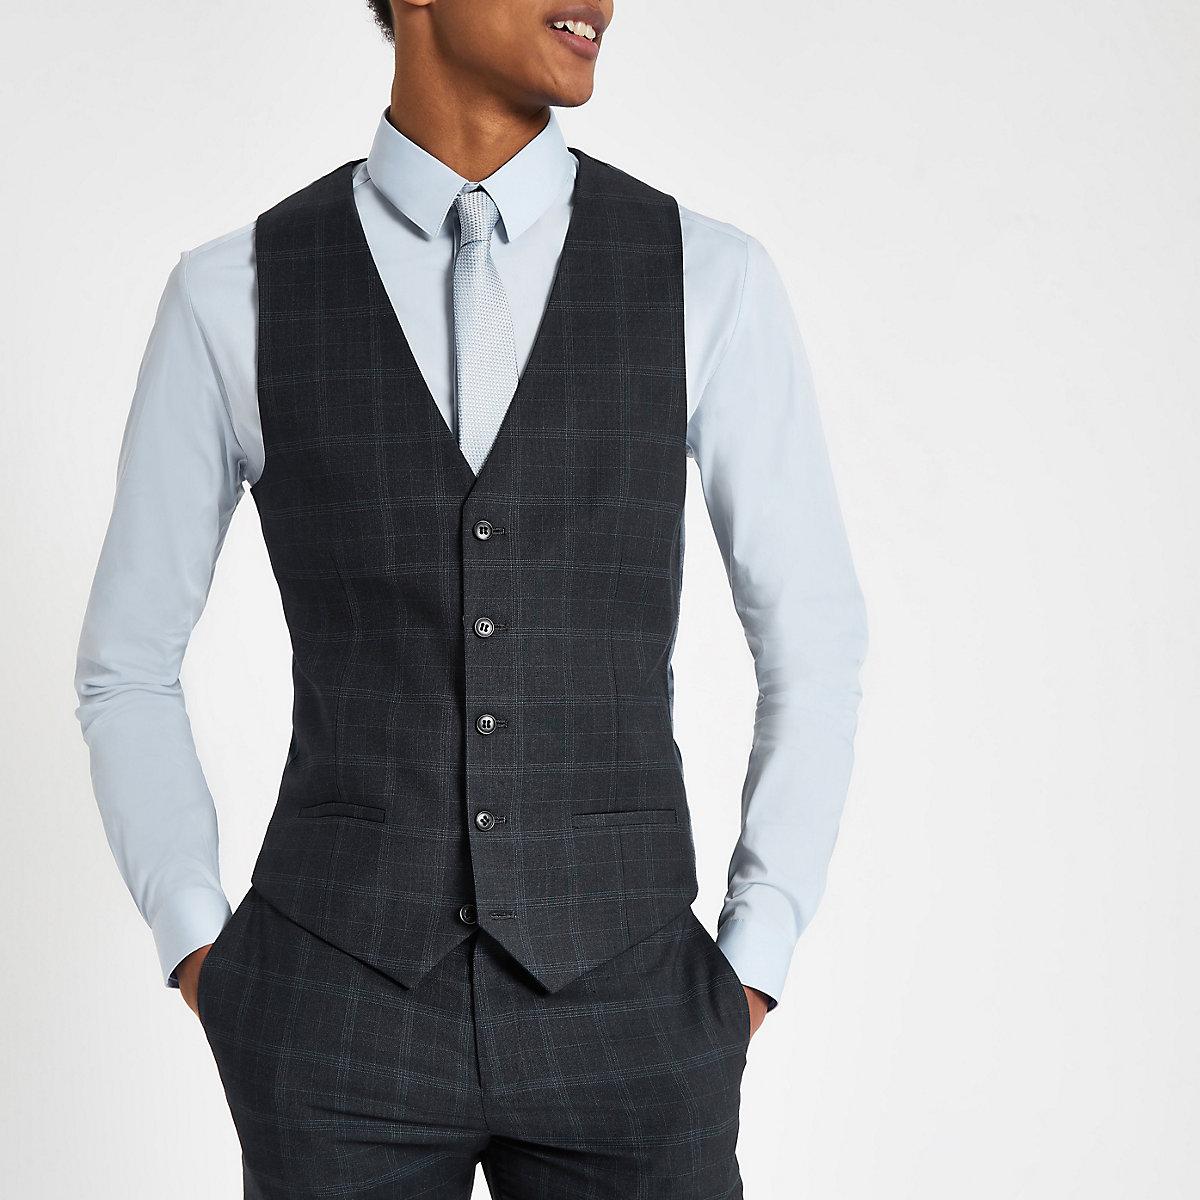 Navy Check Suit Vest Vests Suits Men